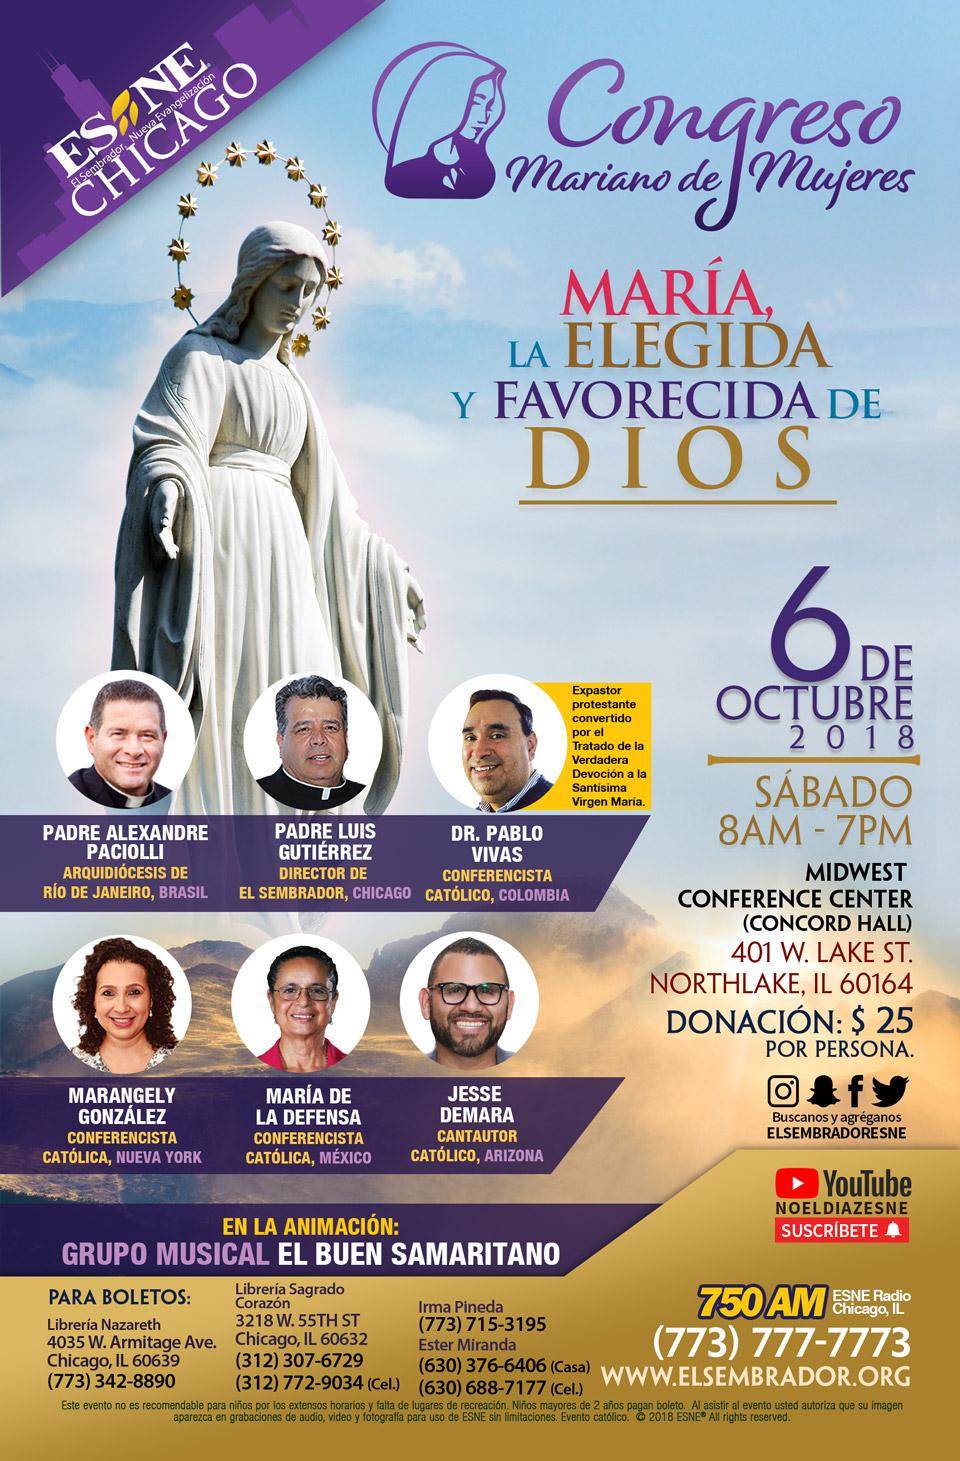 chicago-congreso-mariano-de-mujeres-2018